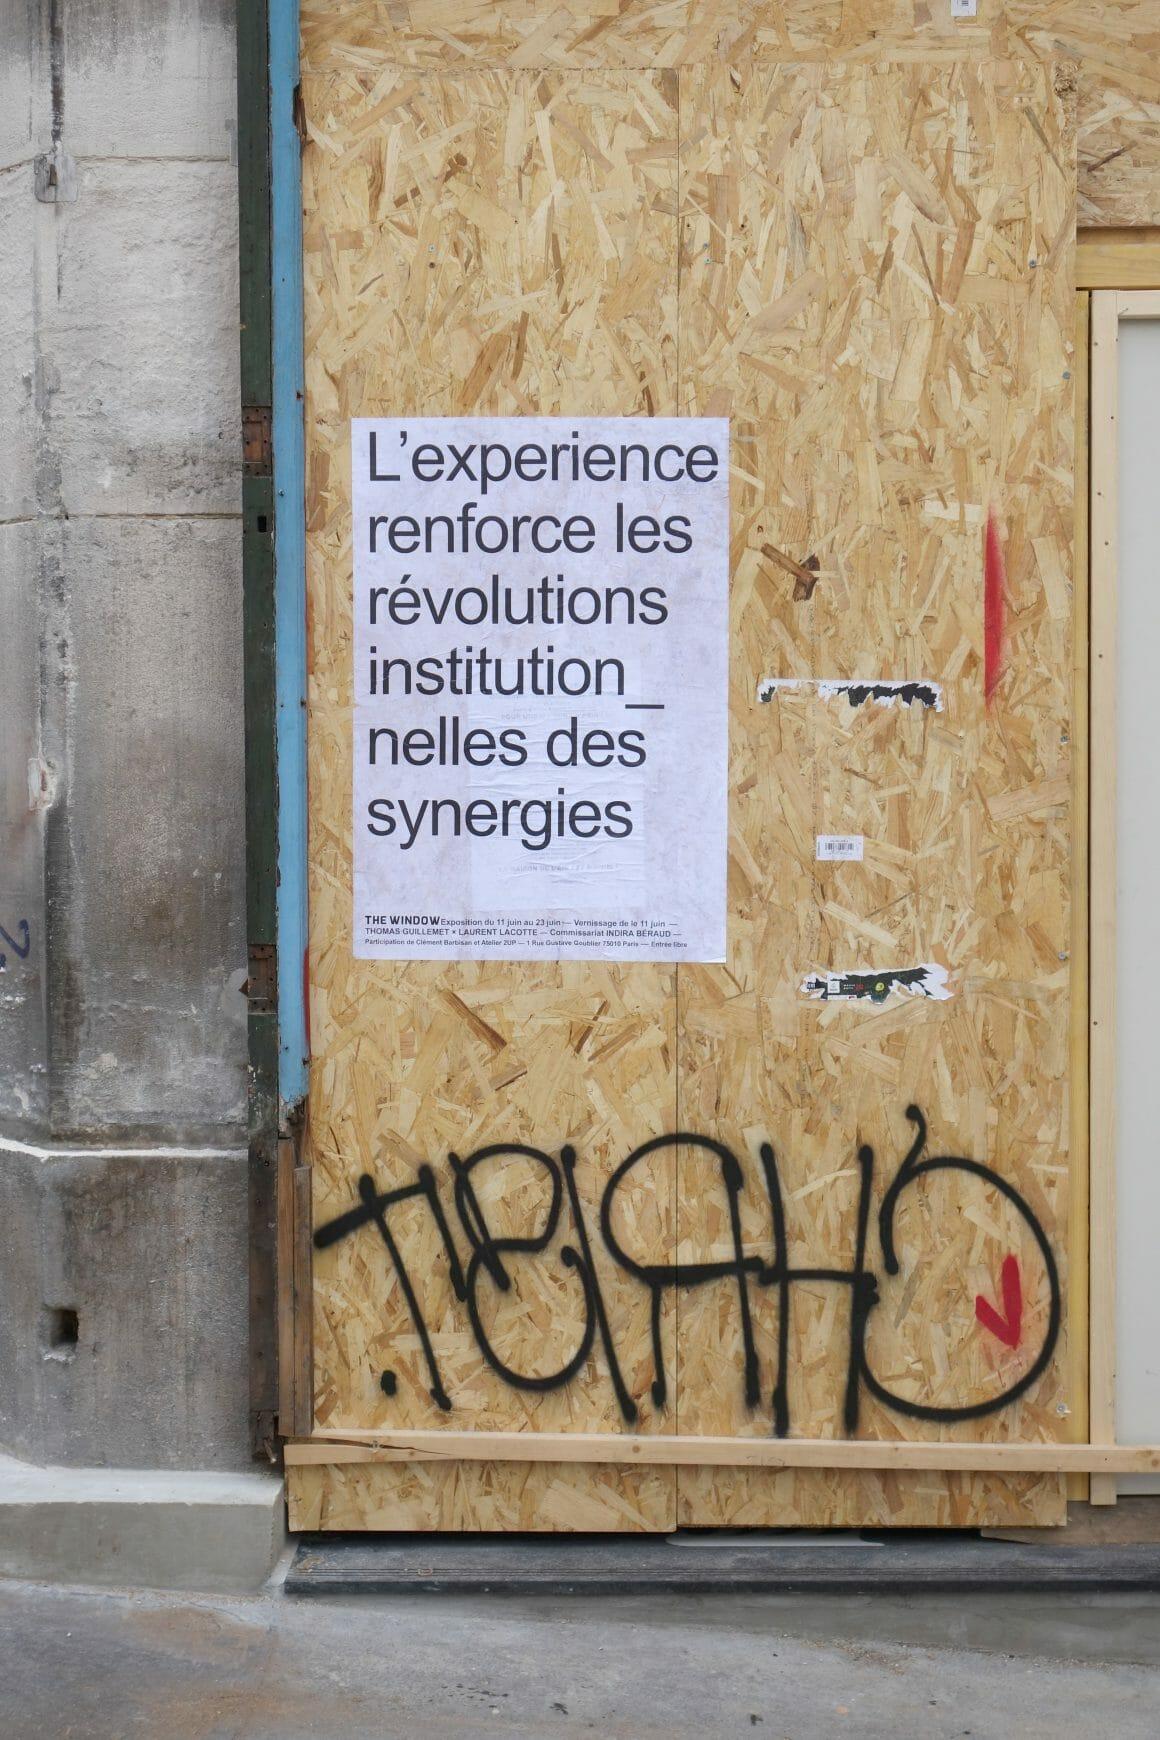 Affiche Guillemet et Lacotte devanture barricadée